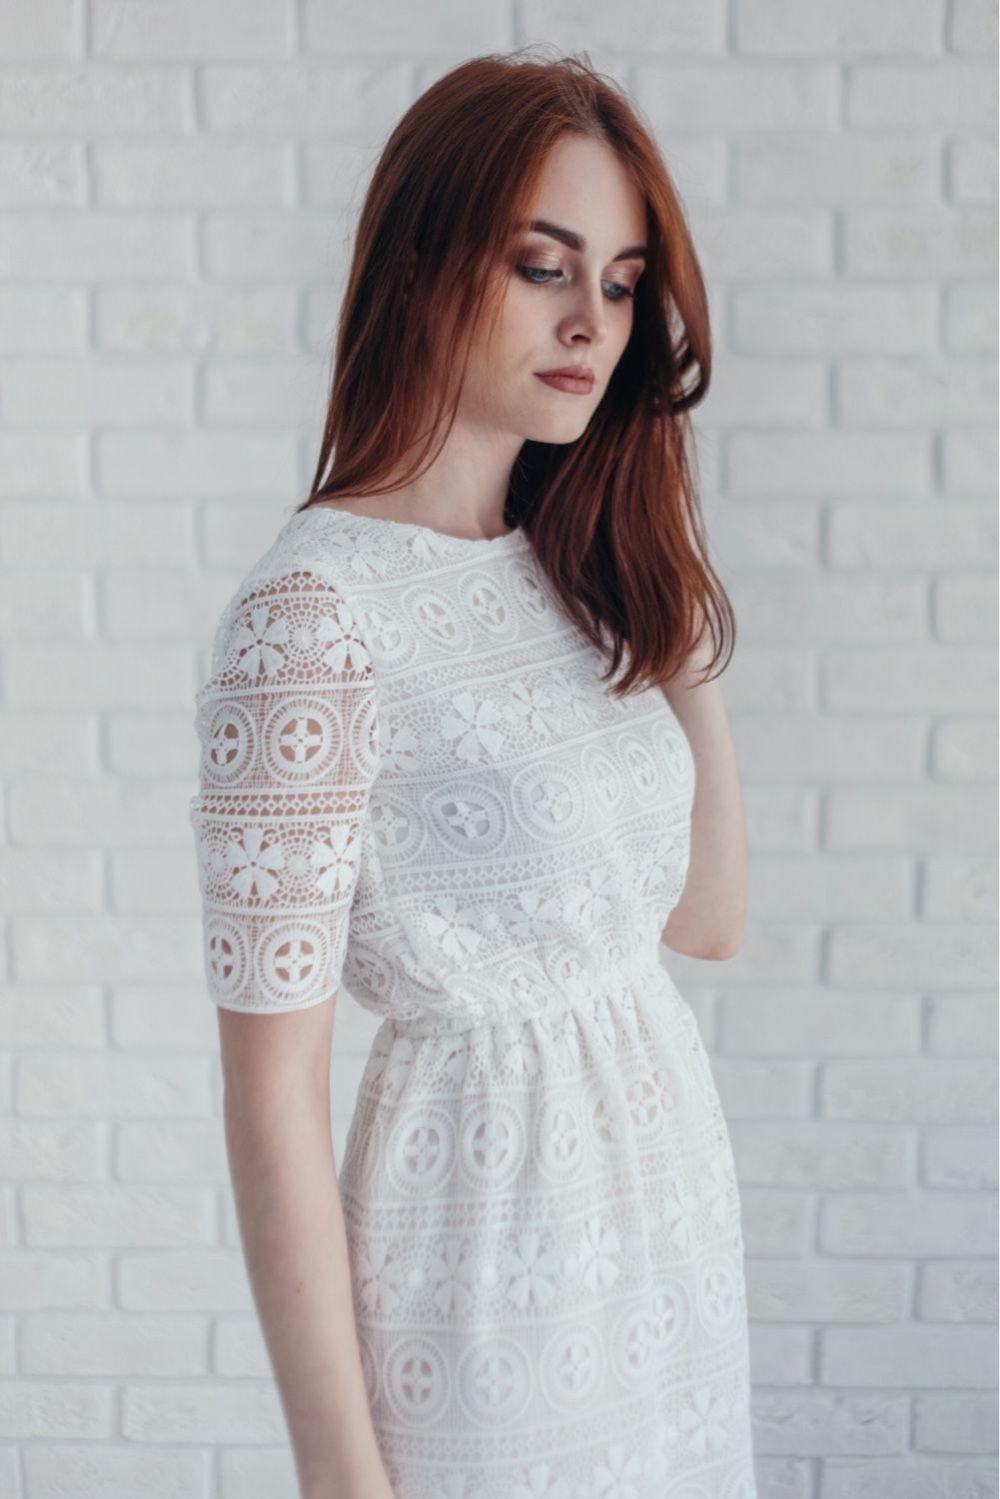 Цветовая палитра вплатьях весна лето 2018: кружевное платья, белого цвета